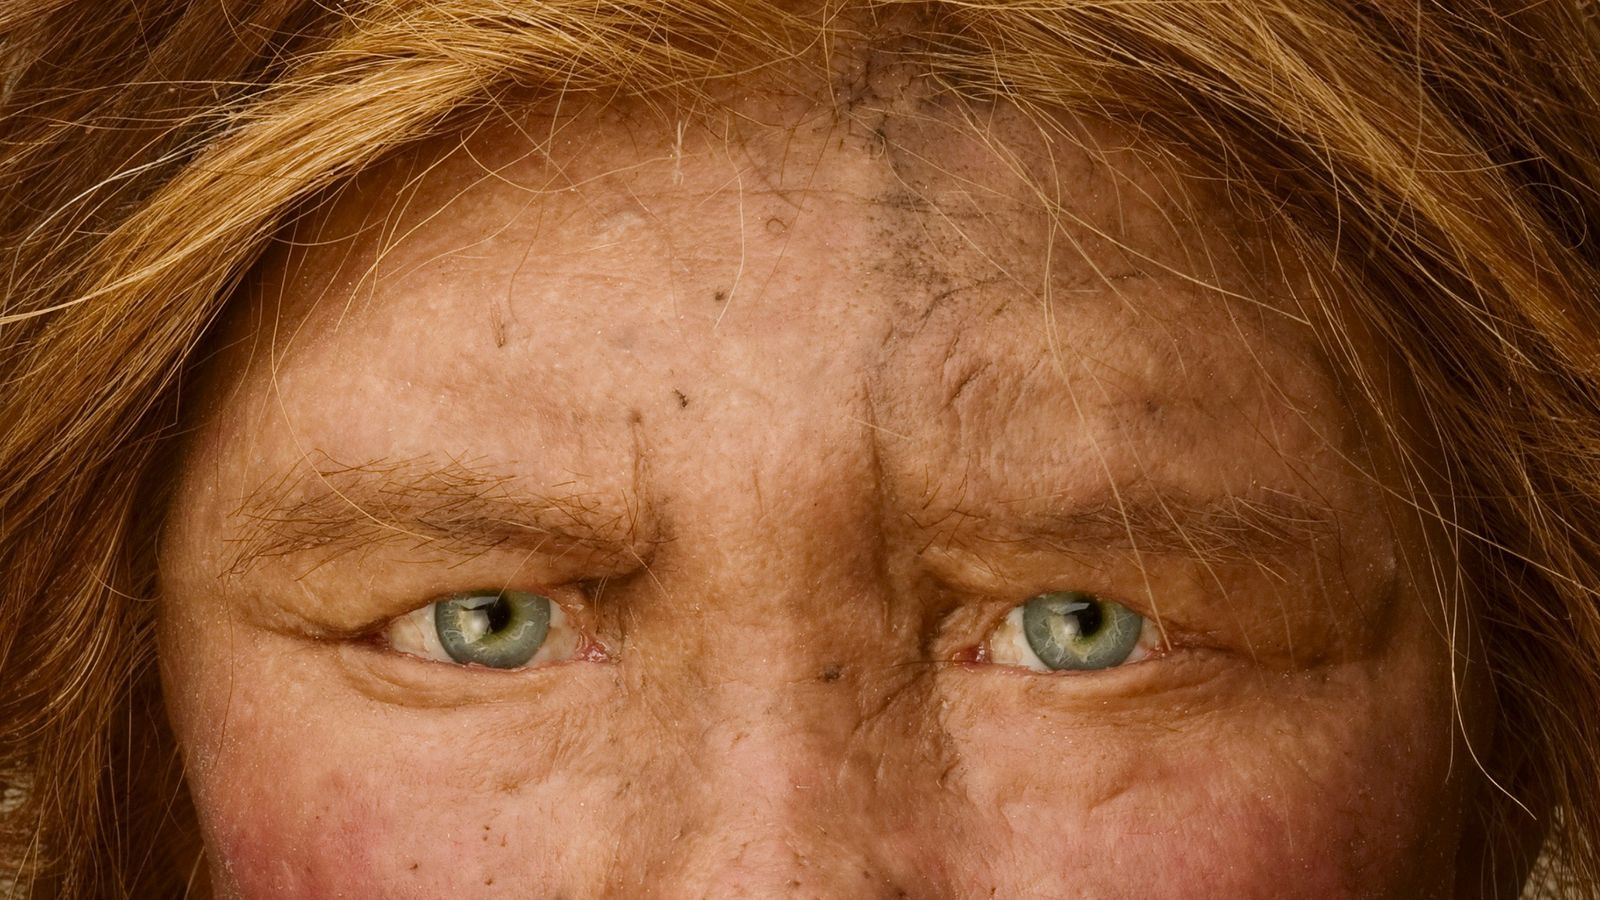 Ce regard perçant est celui d'une reconstruction d'un Homme de Neandertal, un ancêtre qui partageait la ...